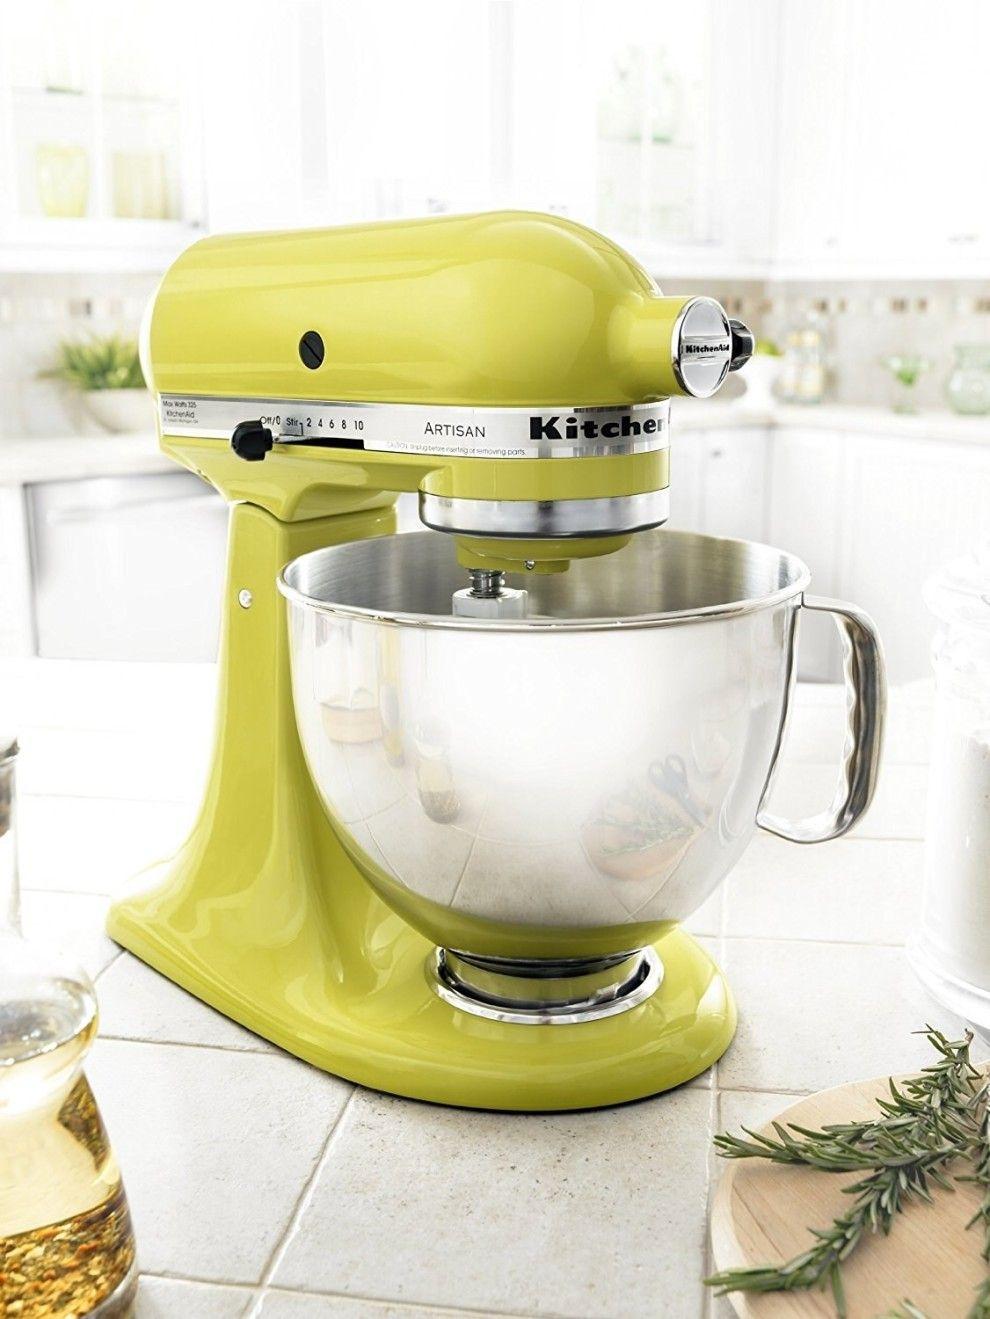 pale yellow kitchenaid stand mixer